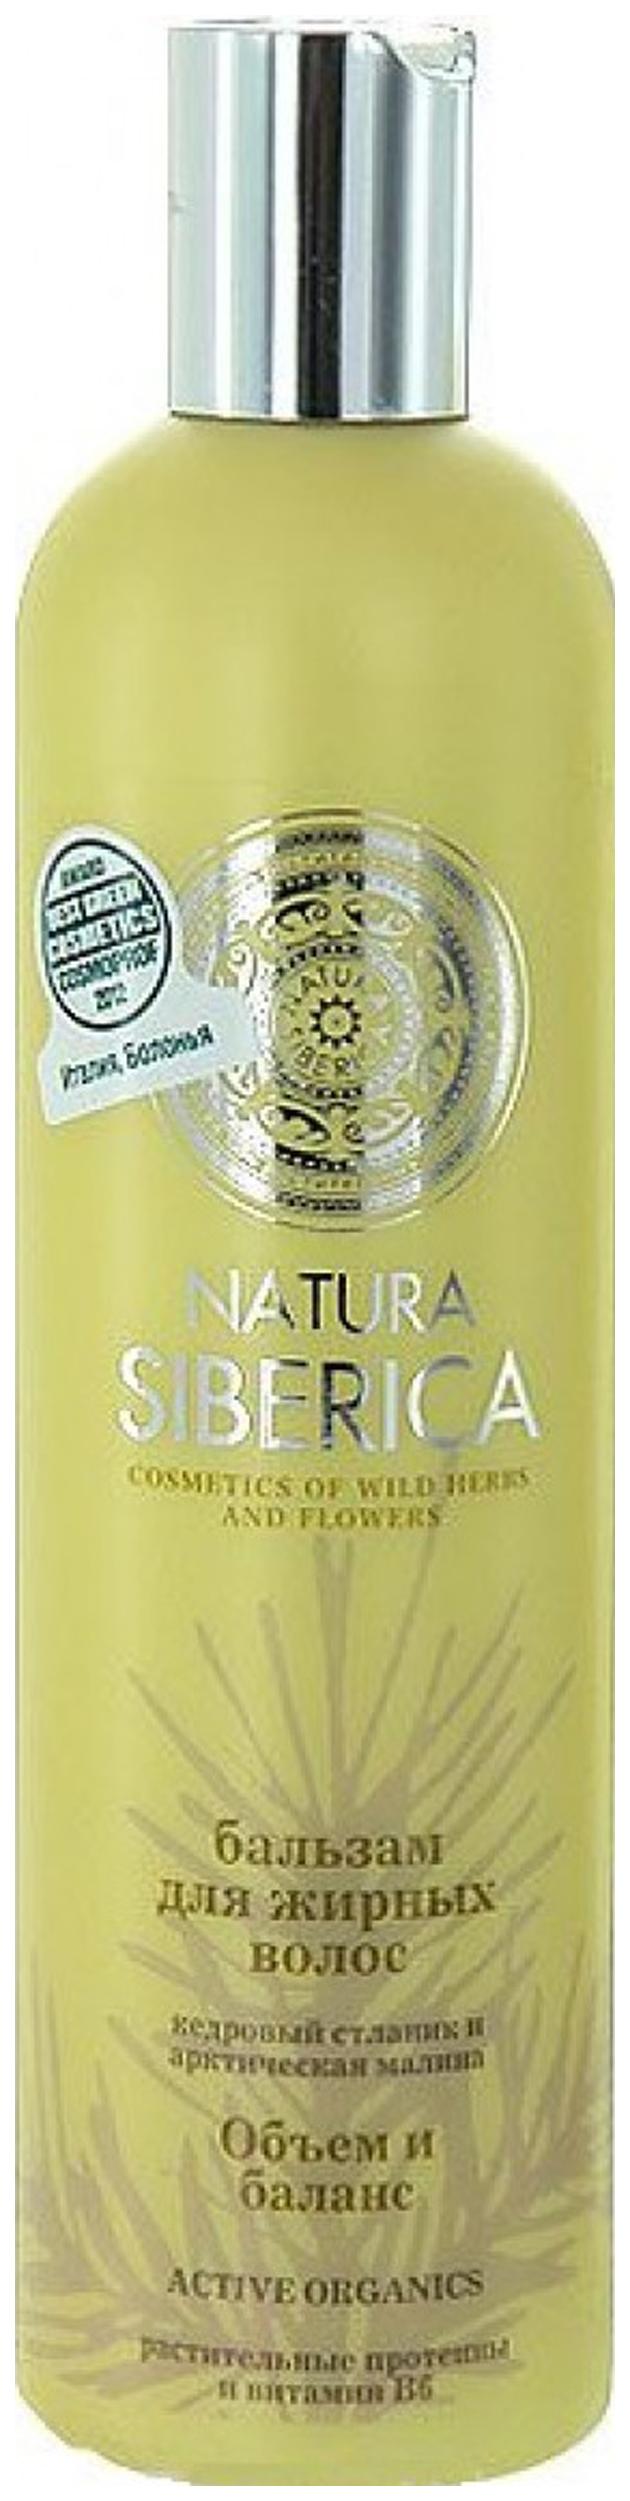 Бальзам для волос Natura Siberica Объем и баланс 400 мл